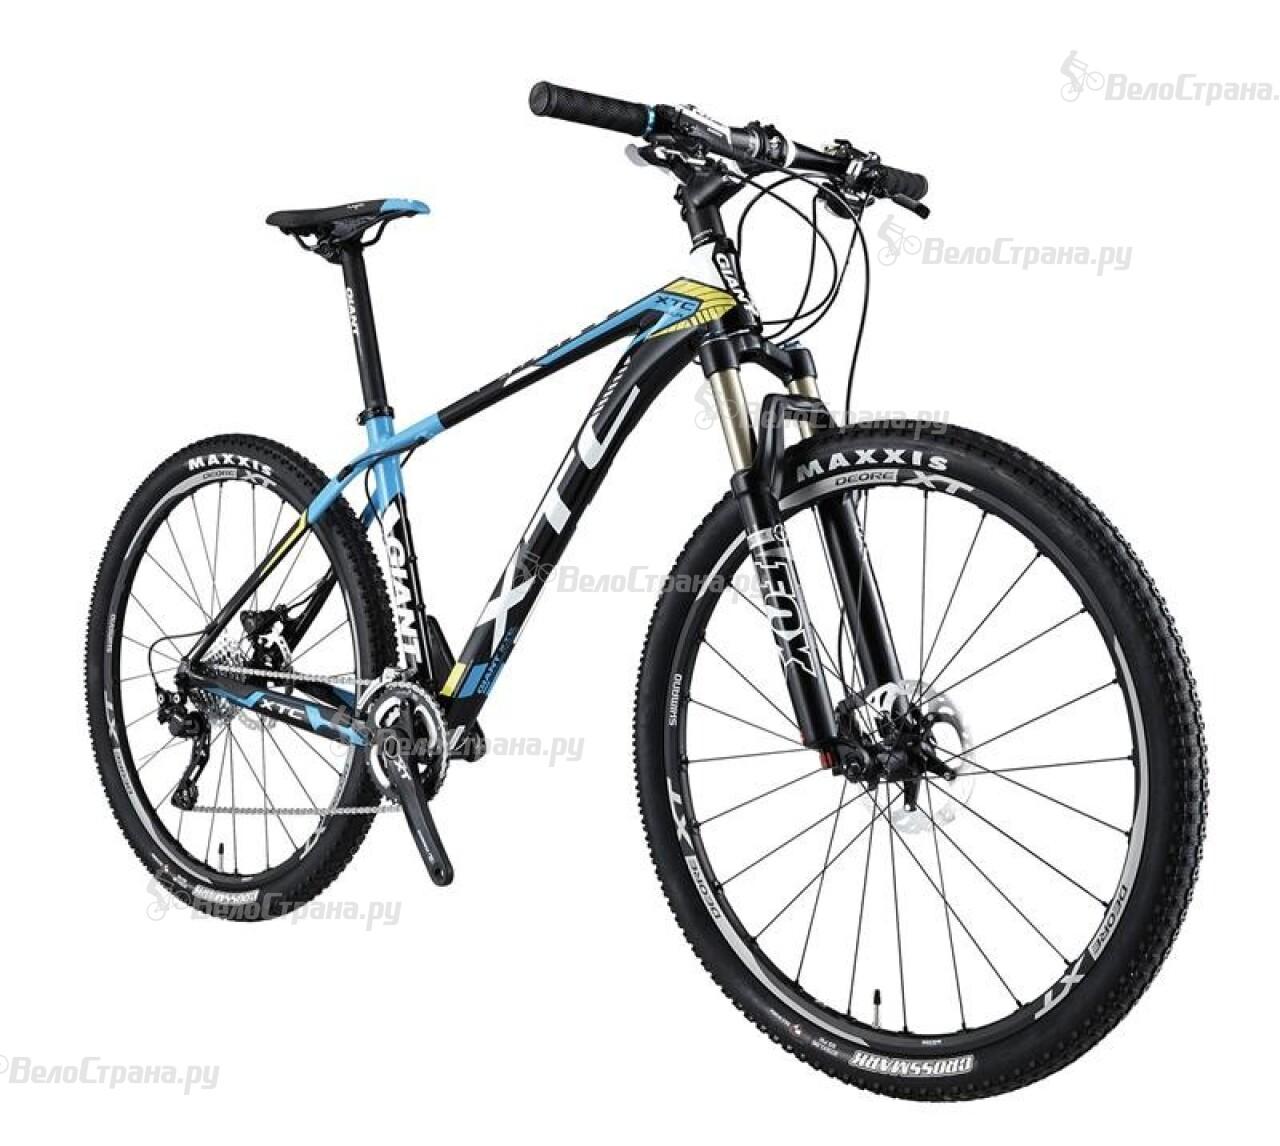 Велосипед Giant XtC SLR 27.5 1 (2015) велосипед giant xtc 7 2014